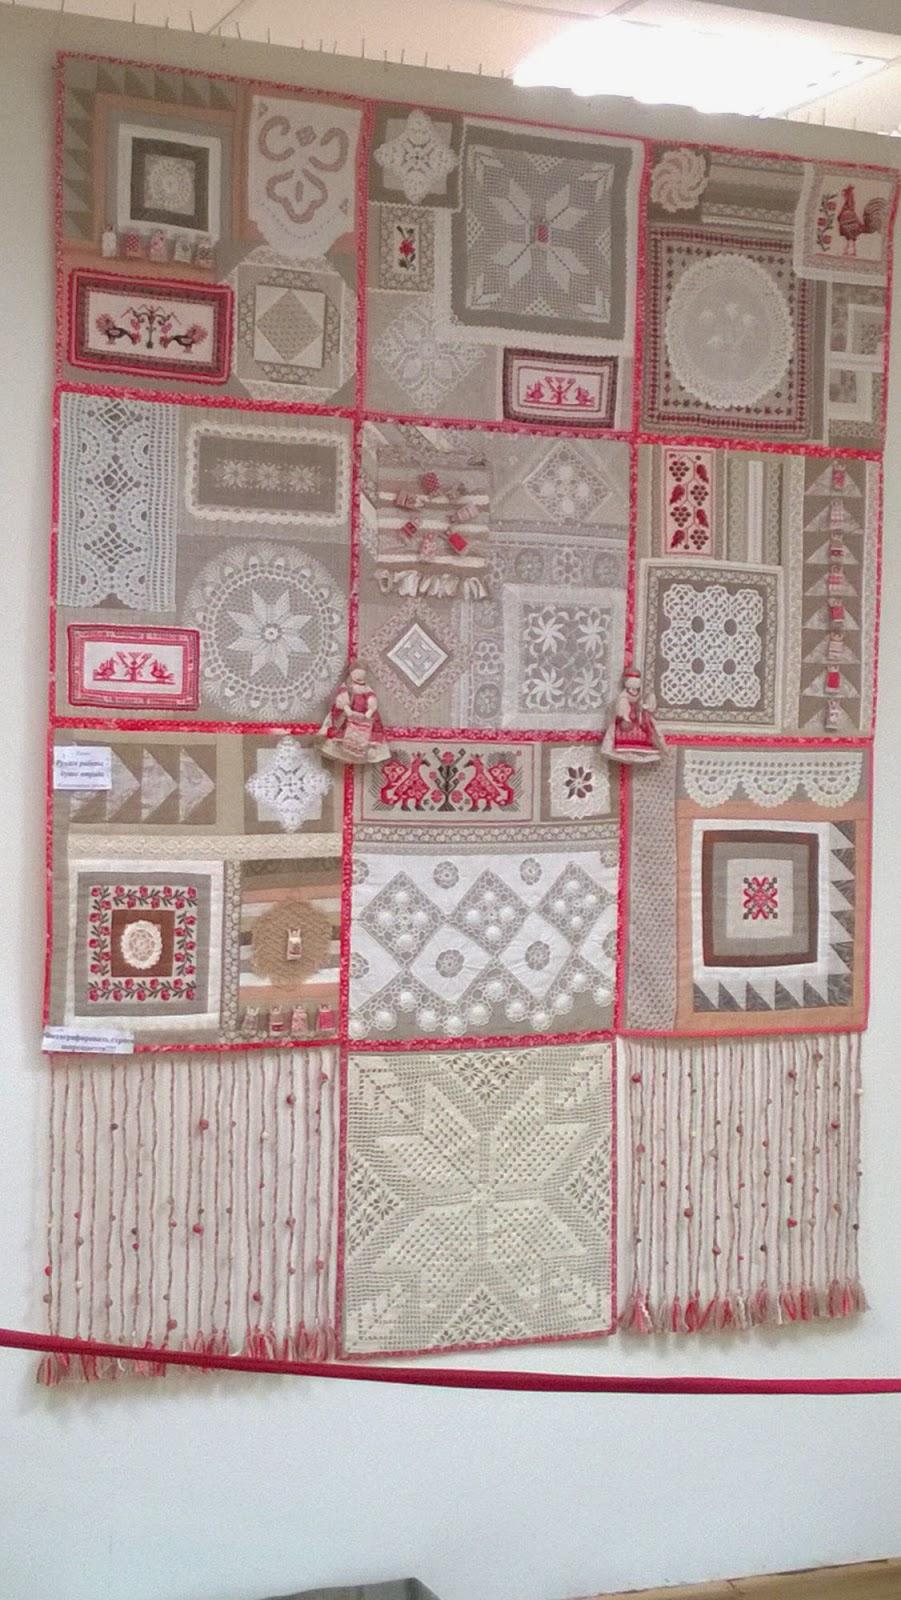 выставка текстиль 2014 в подольске